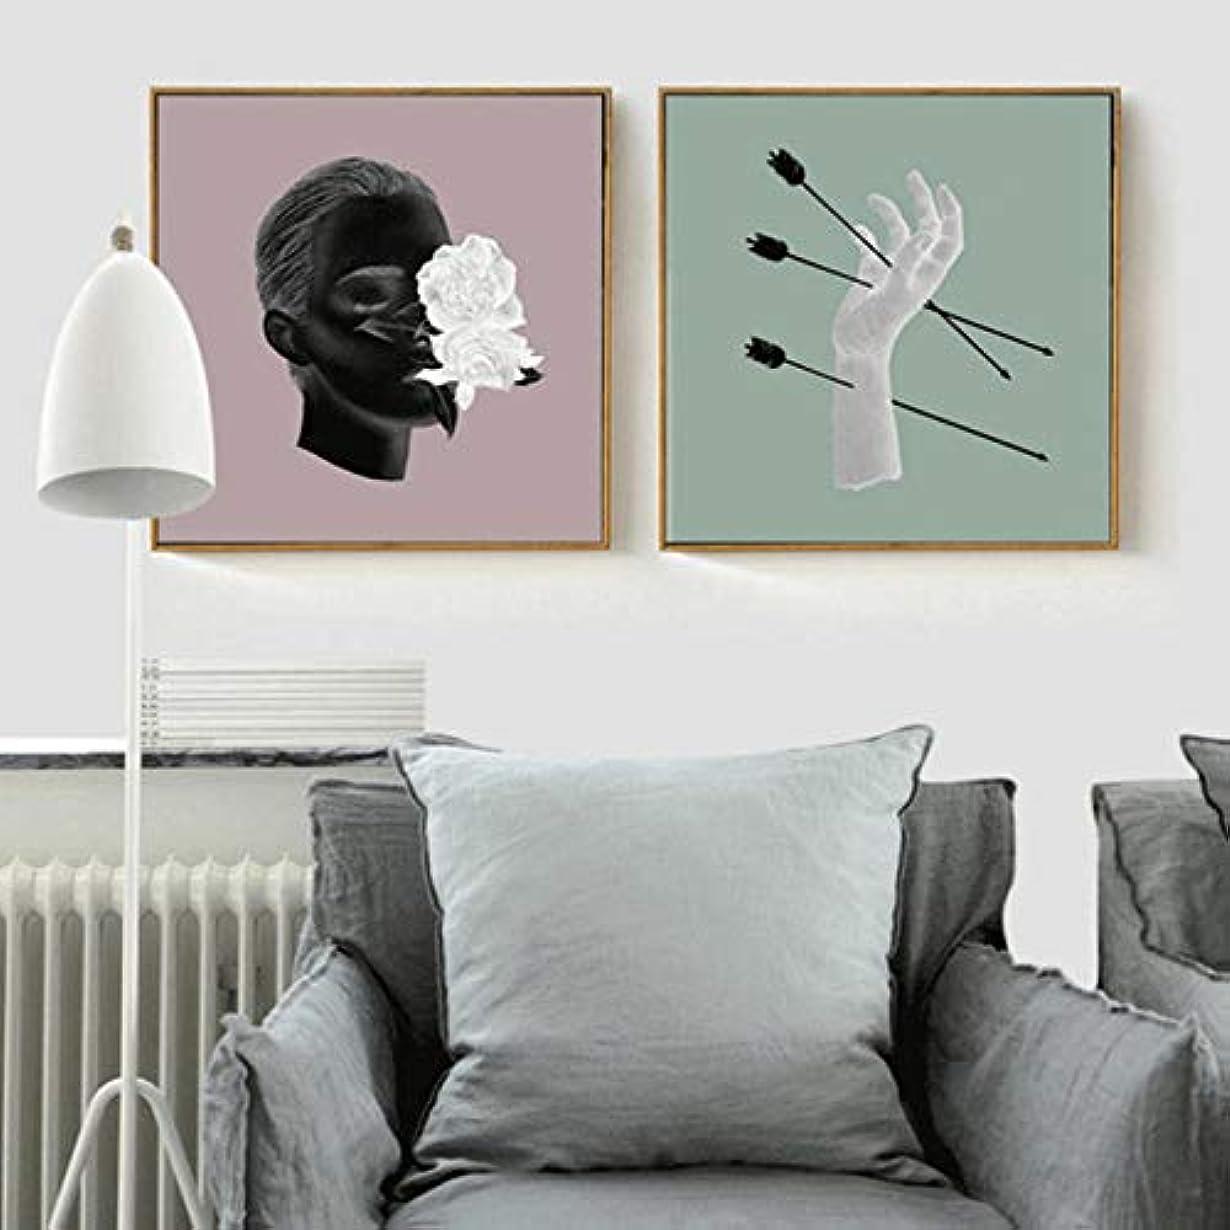 成長するトーン他にキャンバス絵画壁アート矢印を介して手マンヘッドアート写真クラフト  用ホームデコレーションコーヒーショップポスター壁に40×40センチ×2フレームなし